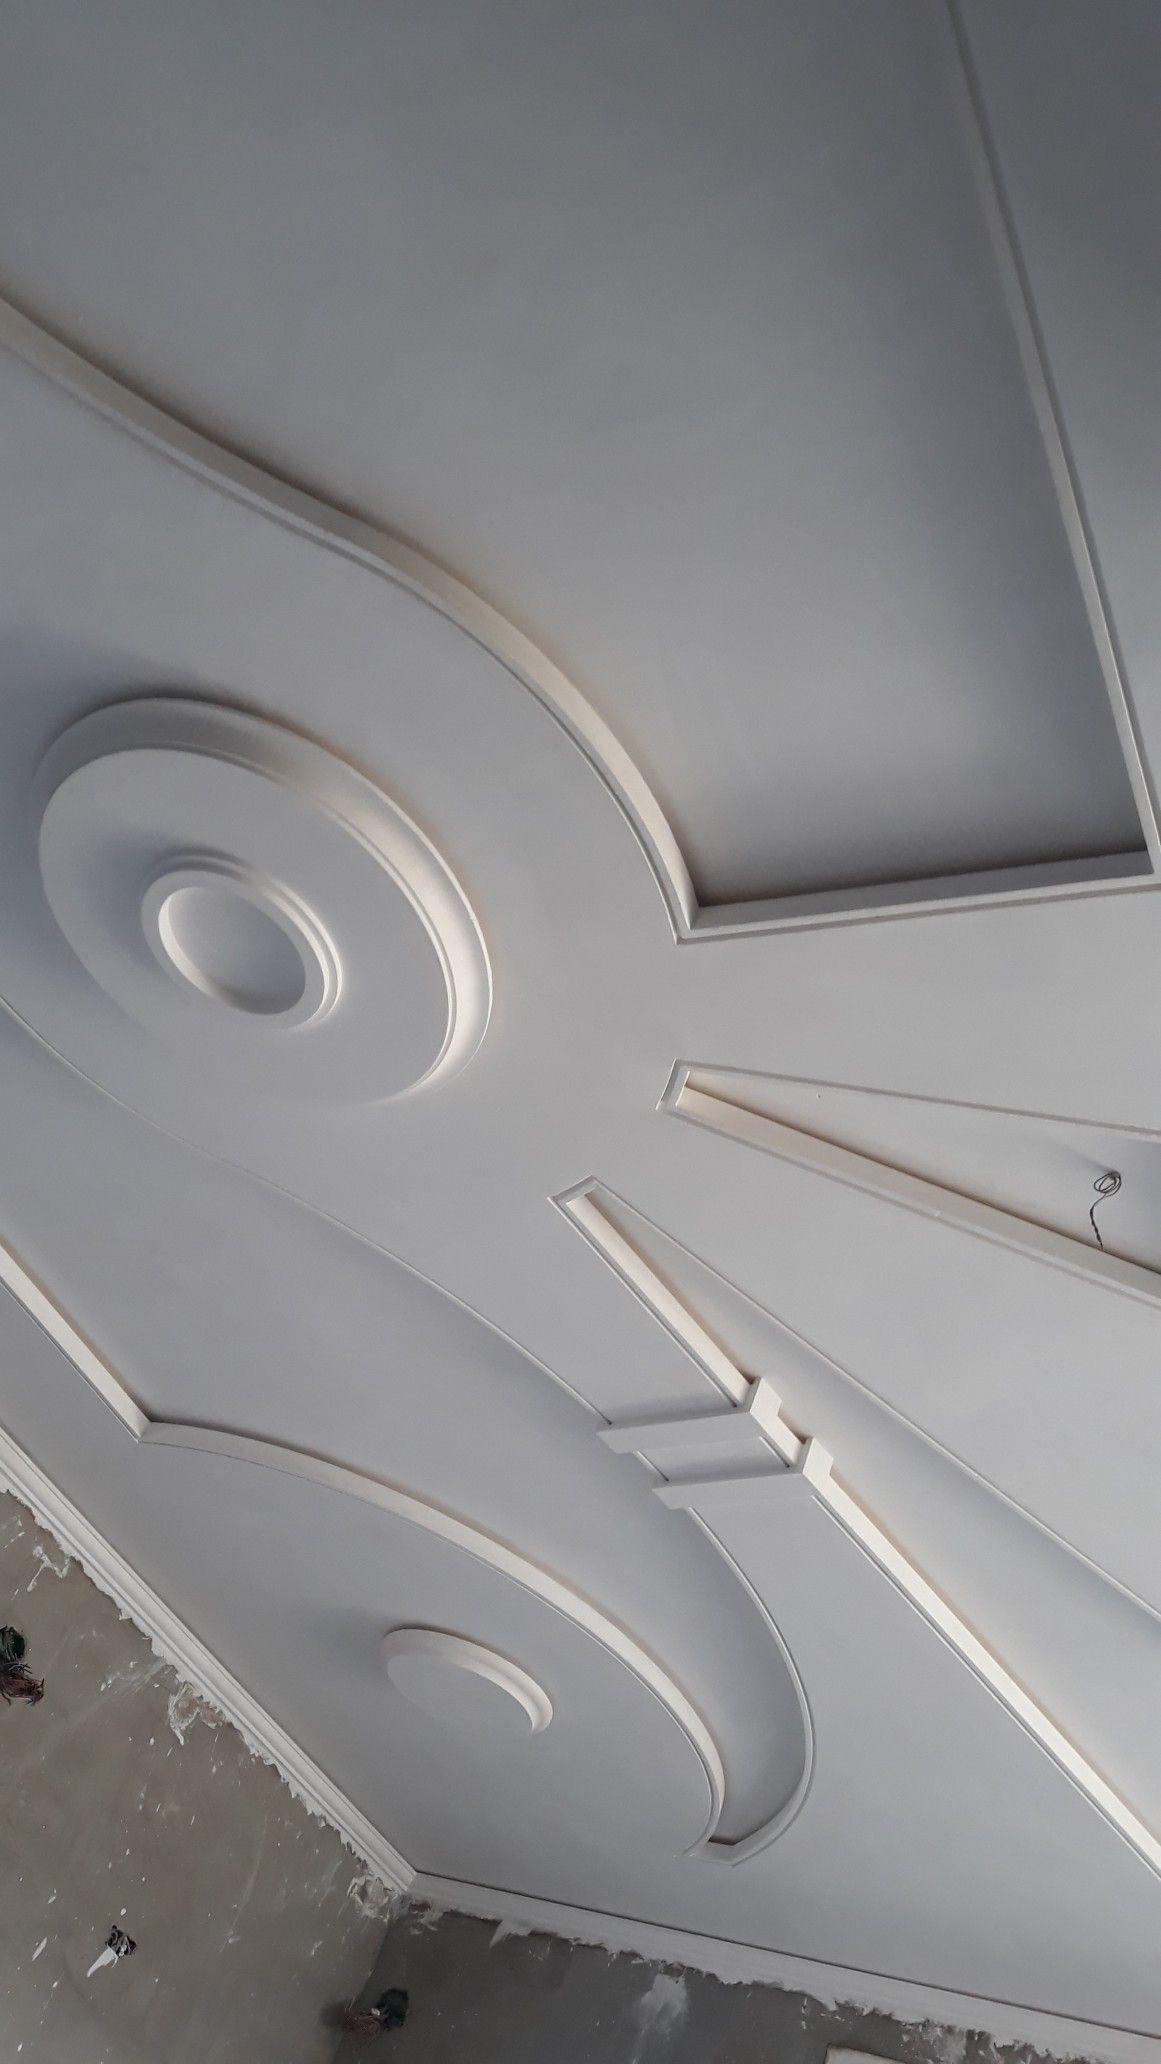 جبس جزائري Plafond Design Double Entry Doors Lighted Bathroom Mirror